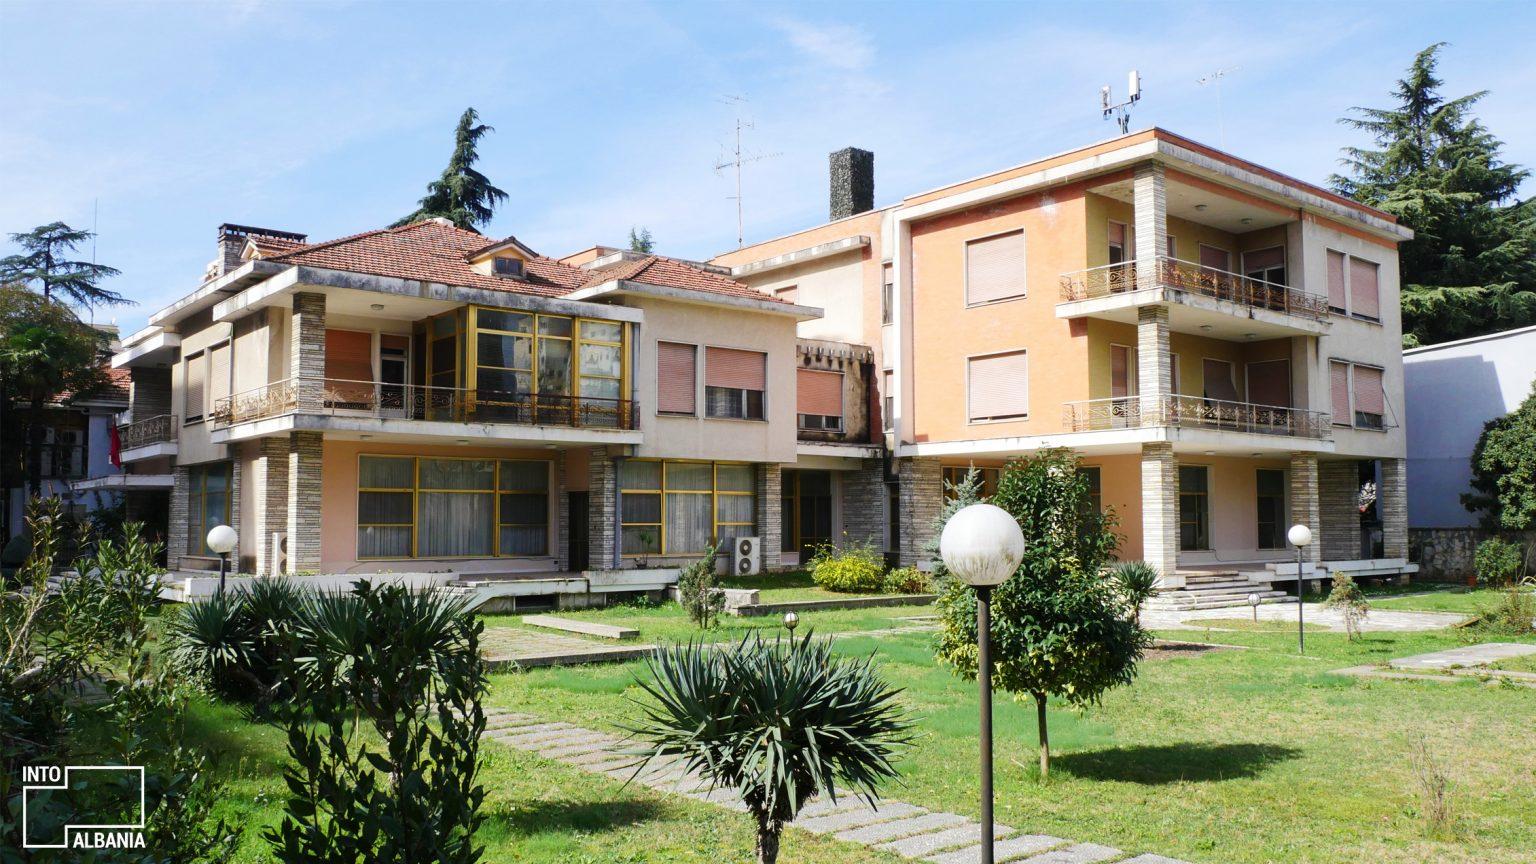 Enver Hoxha's Villa, Tirana, photo by IntoAlbania